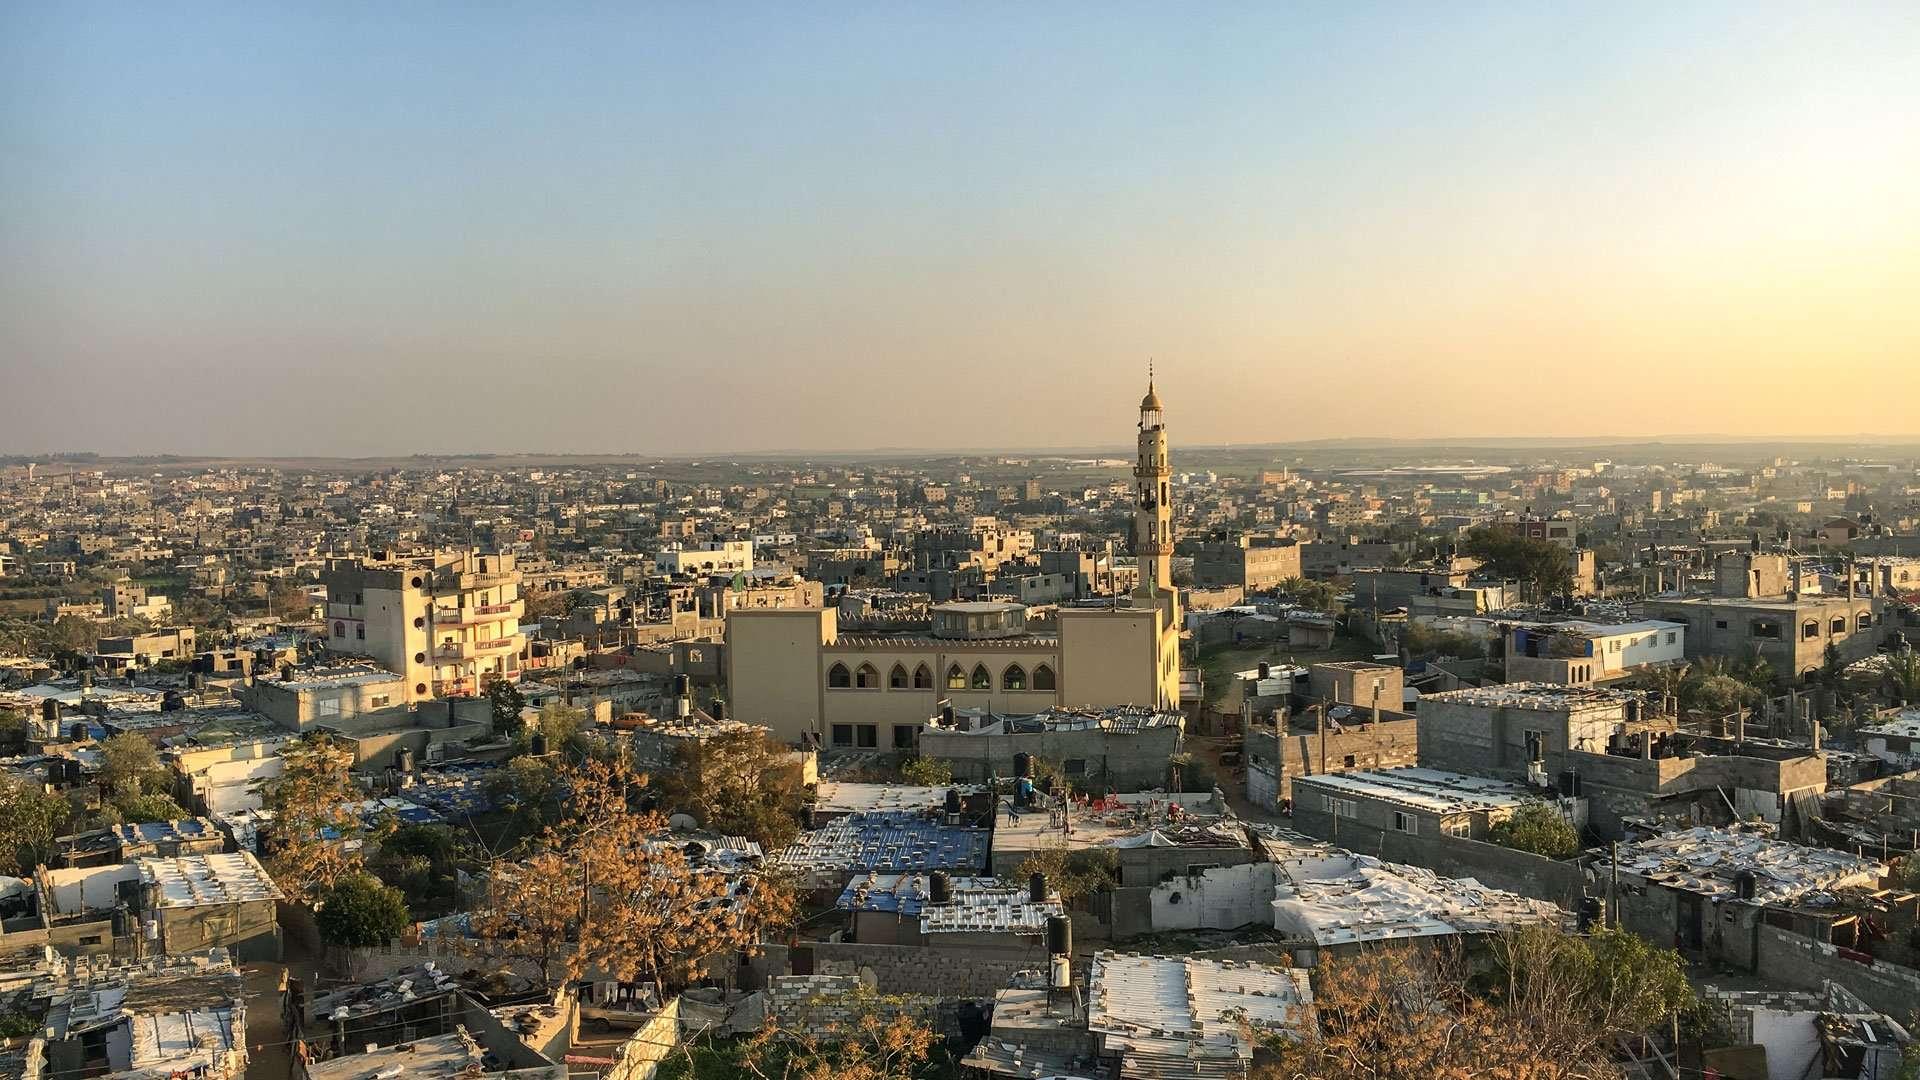 City of Gaza